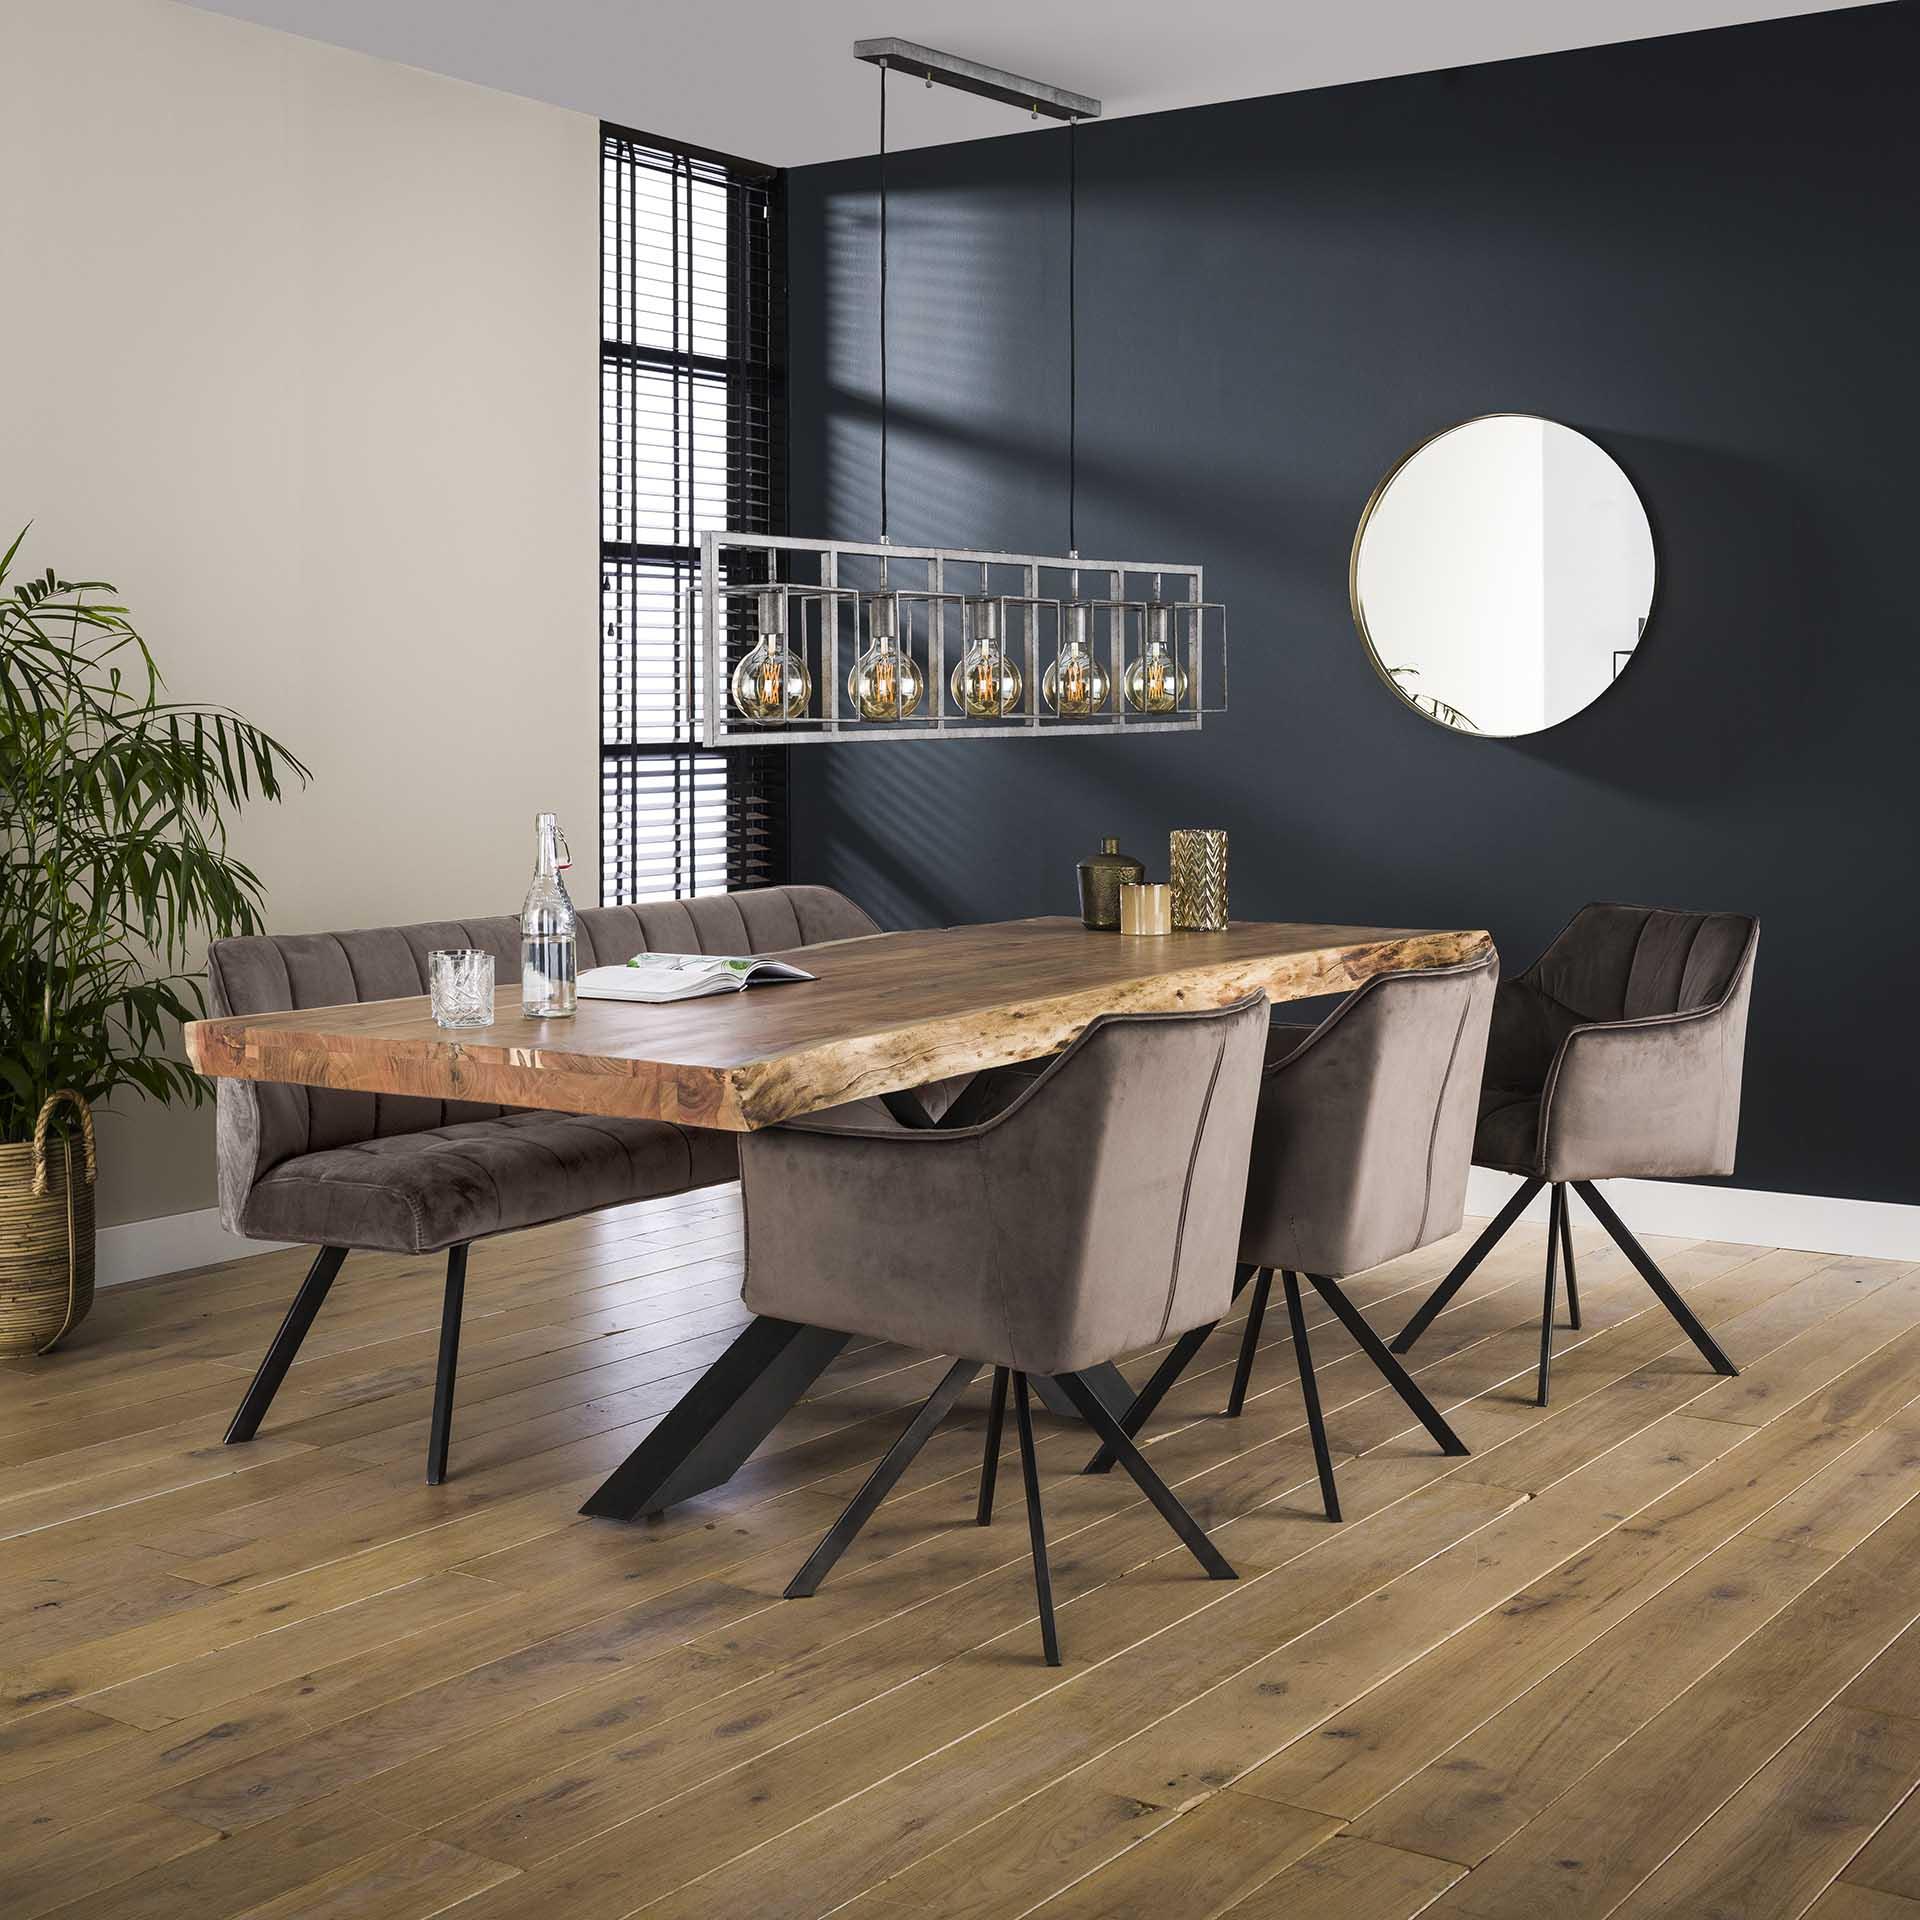 table salle a manger bois massif pied mikado 200 cm melbourne tables a manger pier import